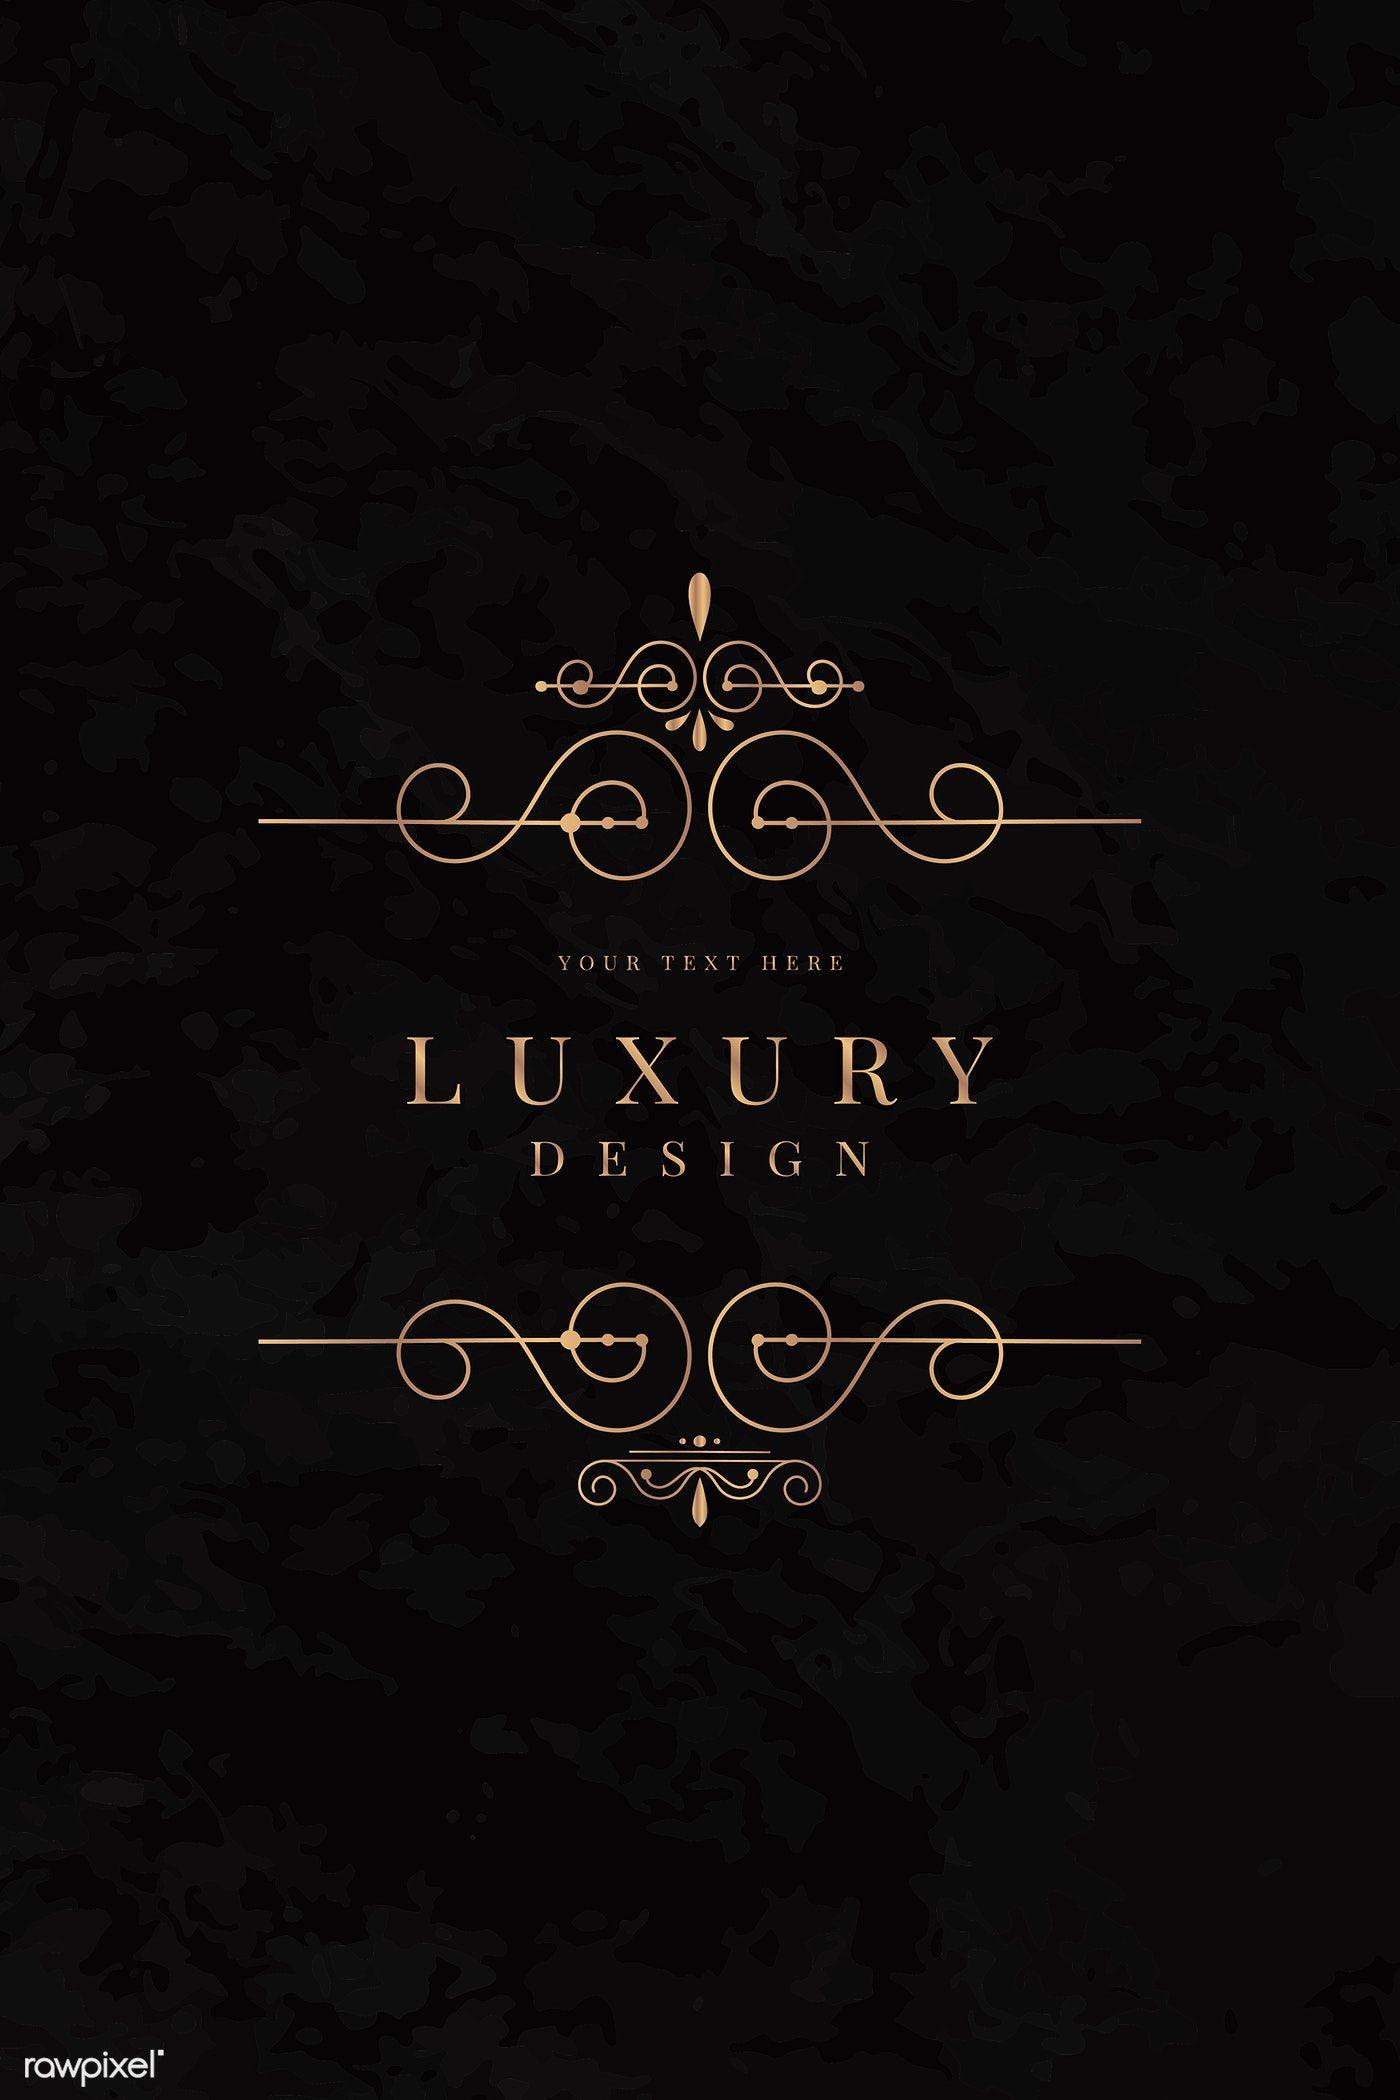 Download premium vector of Golden luxury logo design